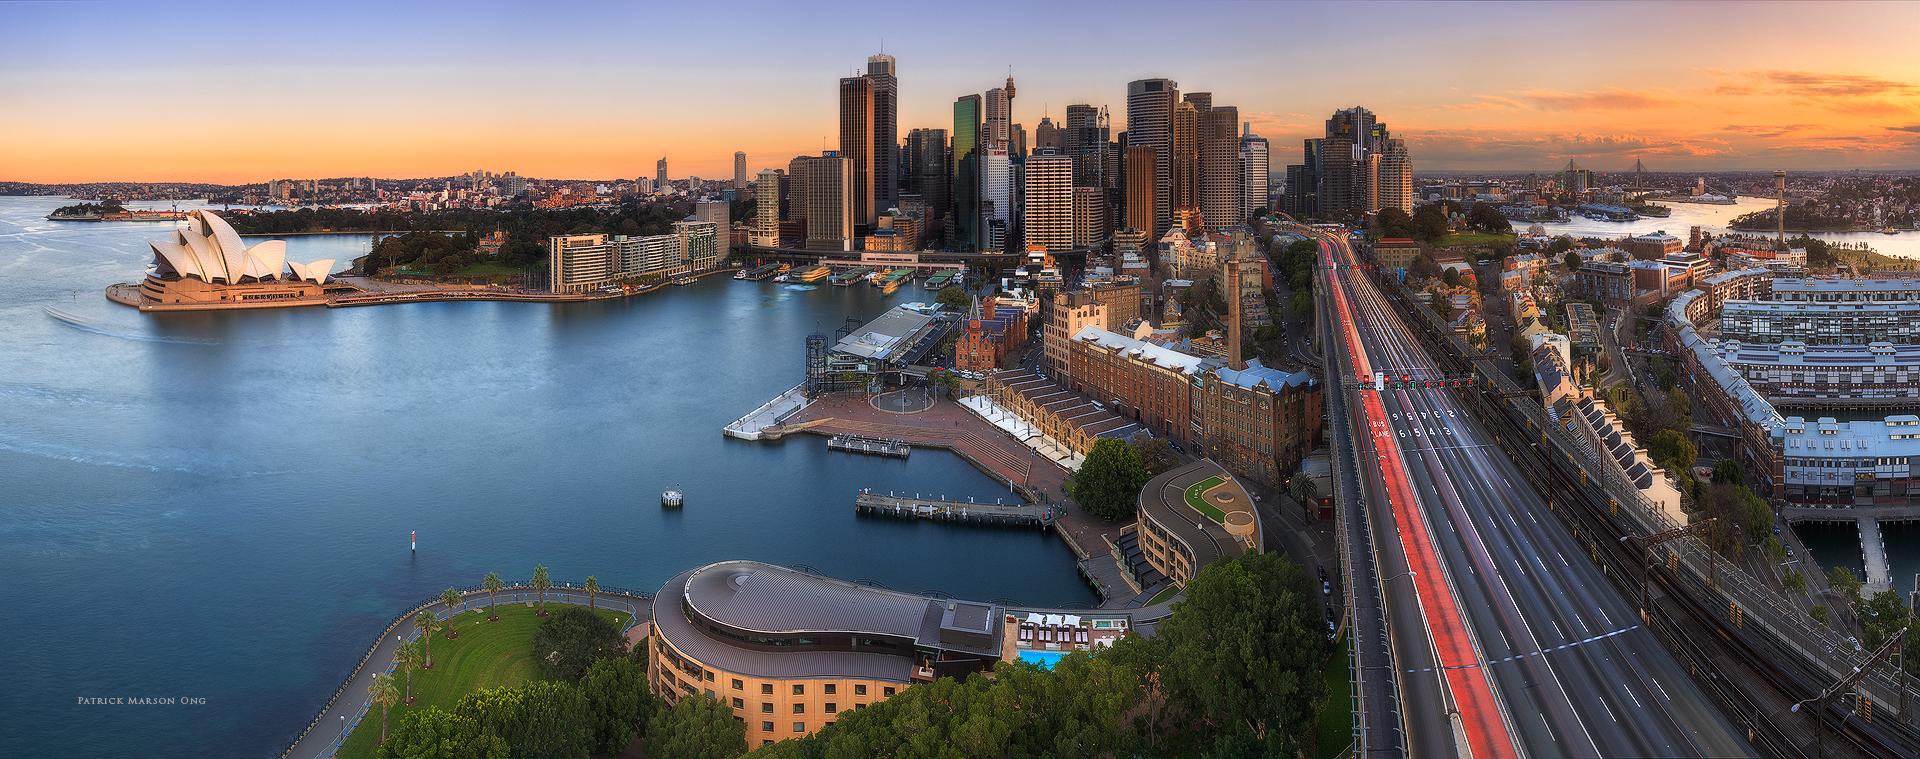 Sydney Skies Panorama